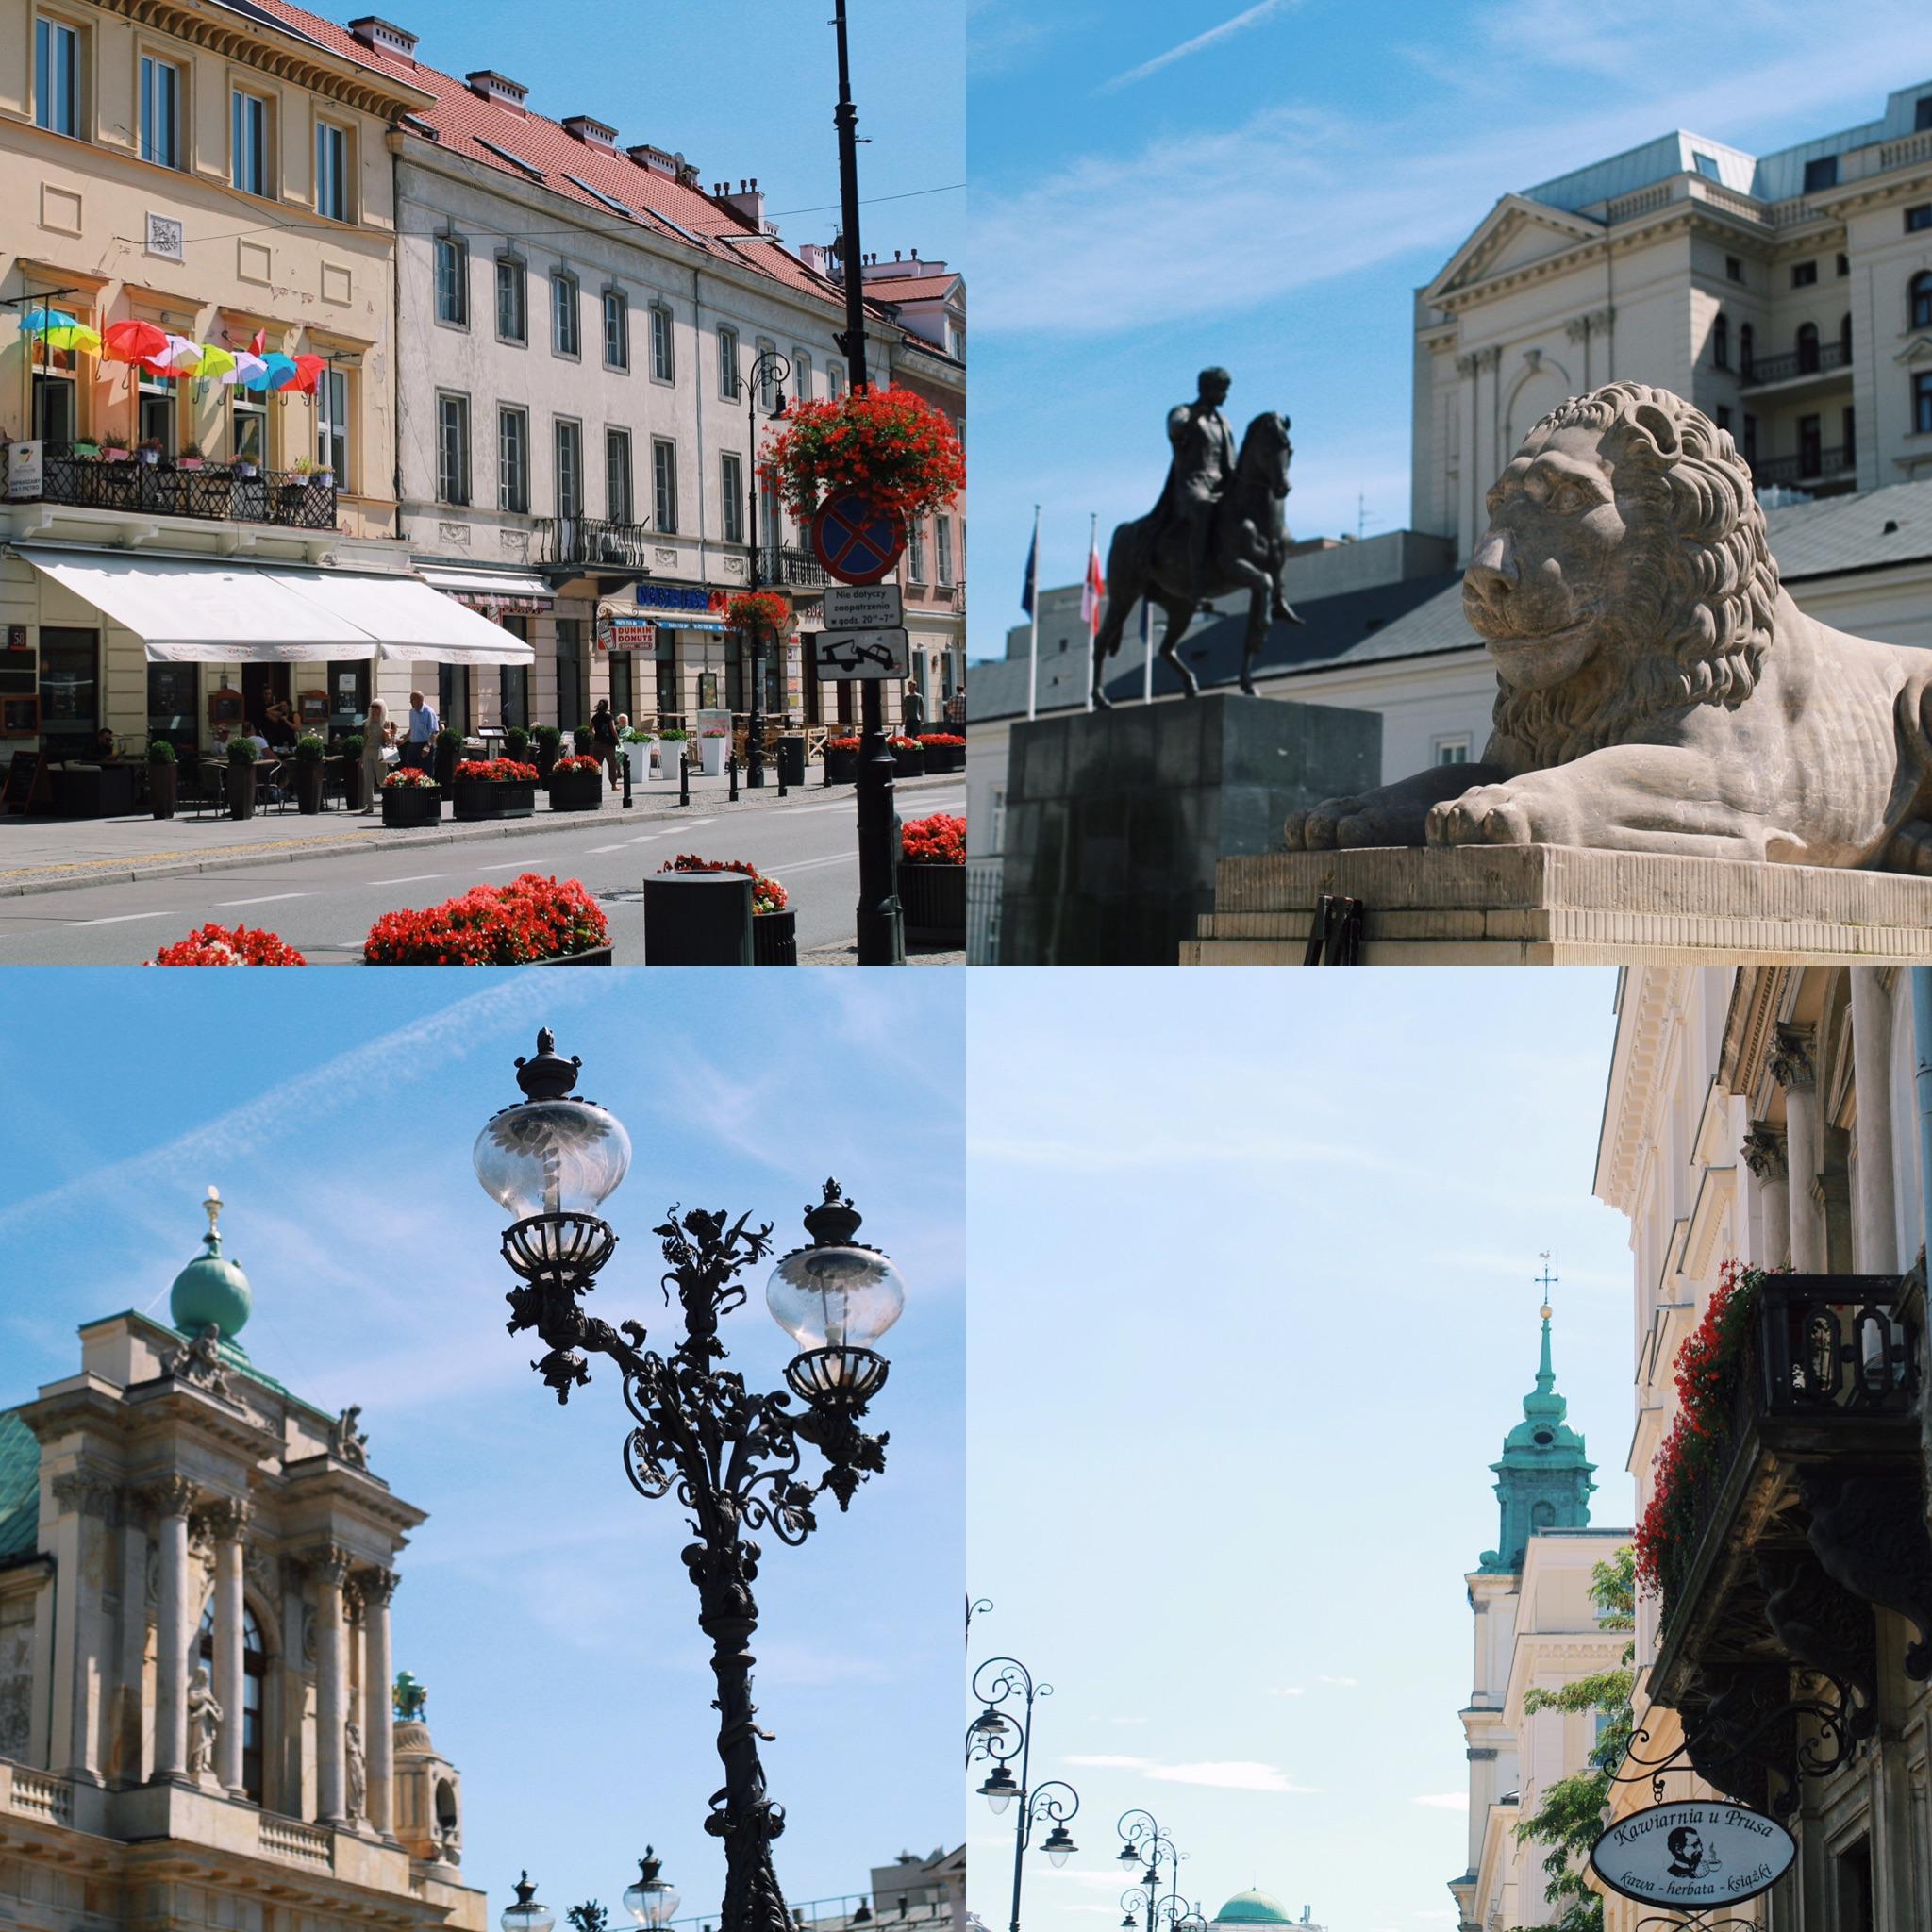 snaps from a walk down a main street - Krakowskie Przedmiescie